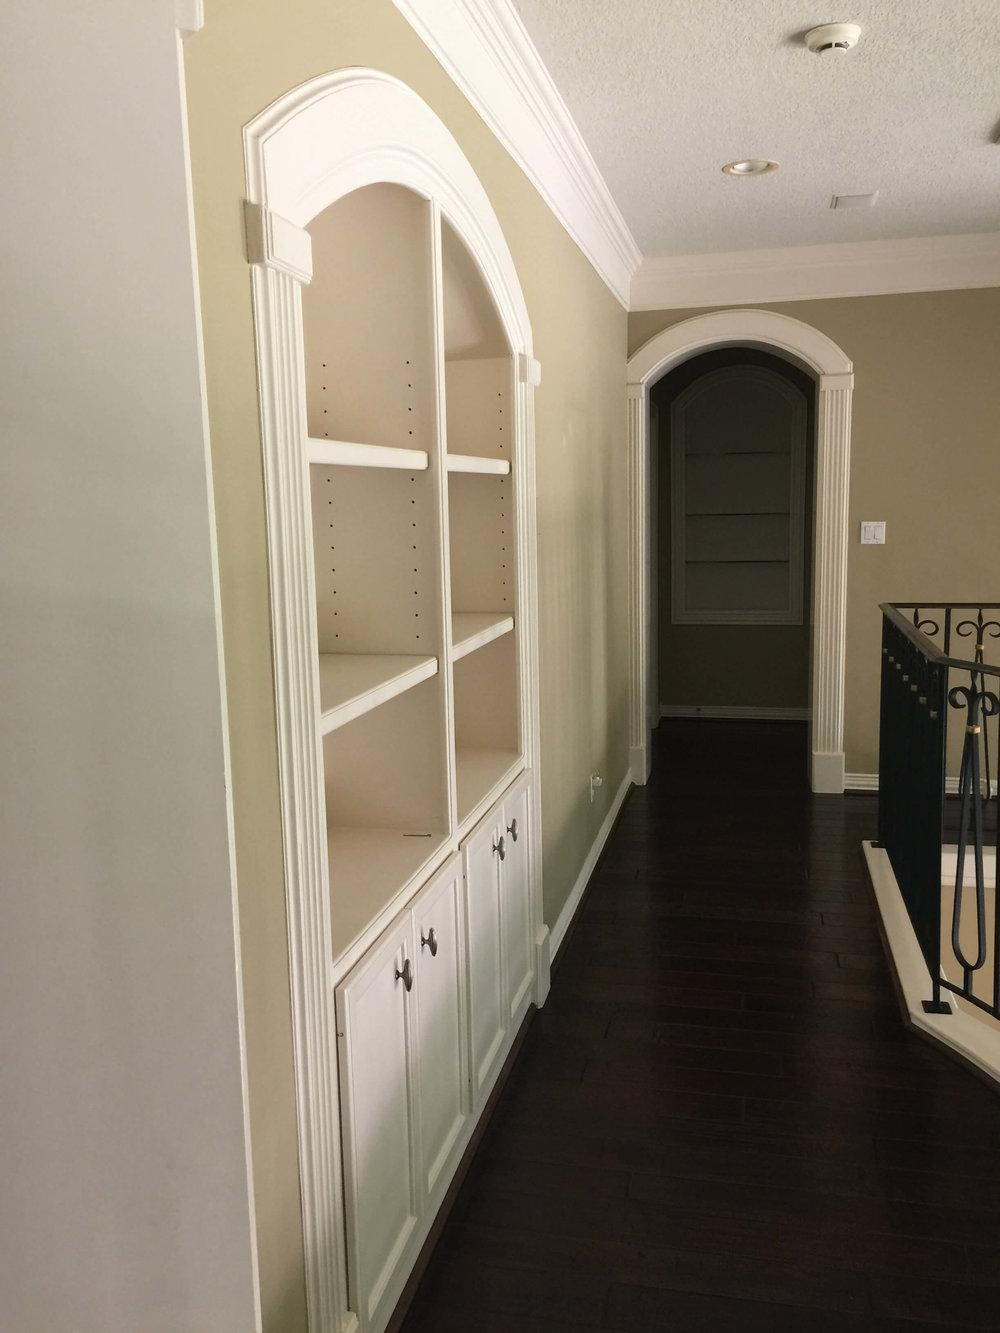 BEFORE - Upper floor hallway with built-in display shelves